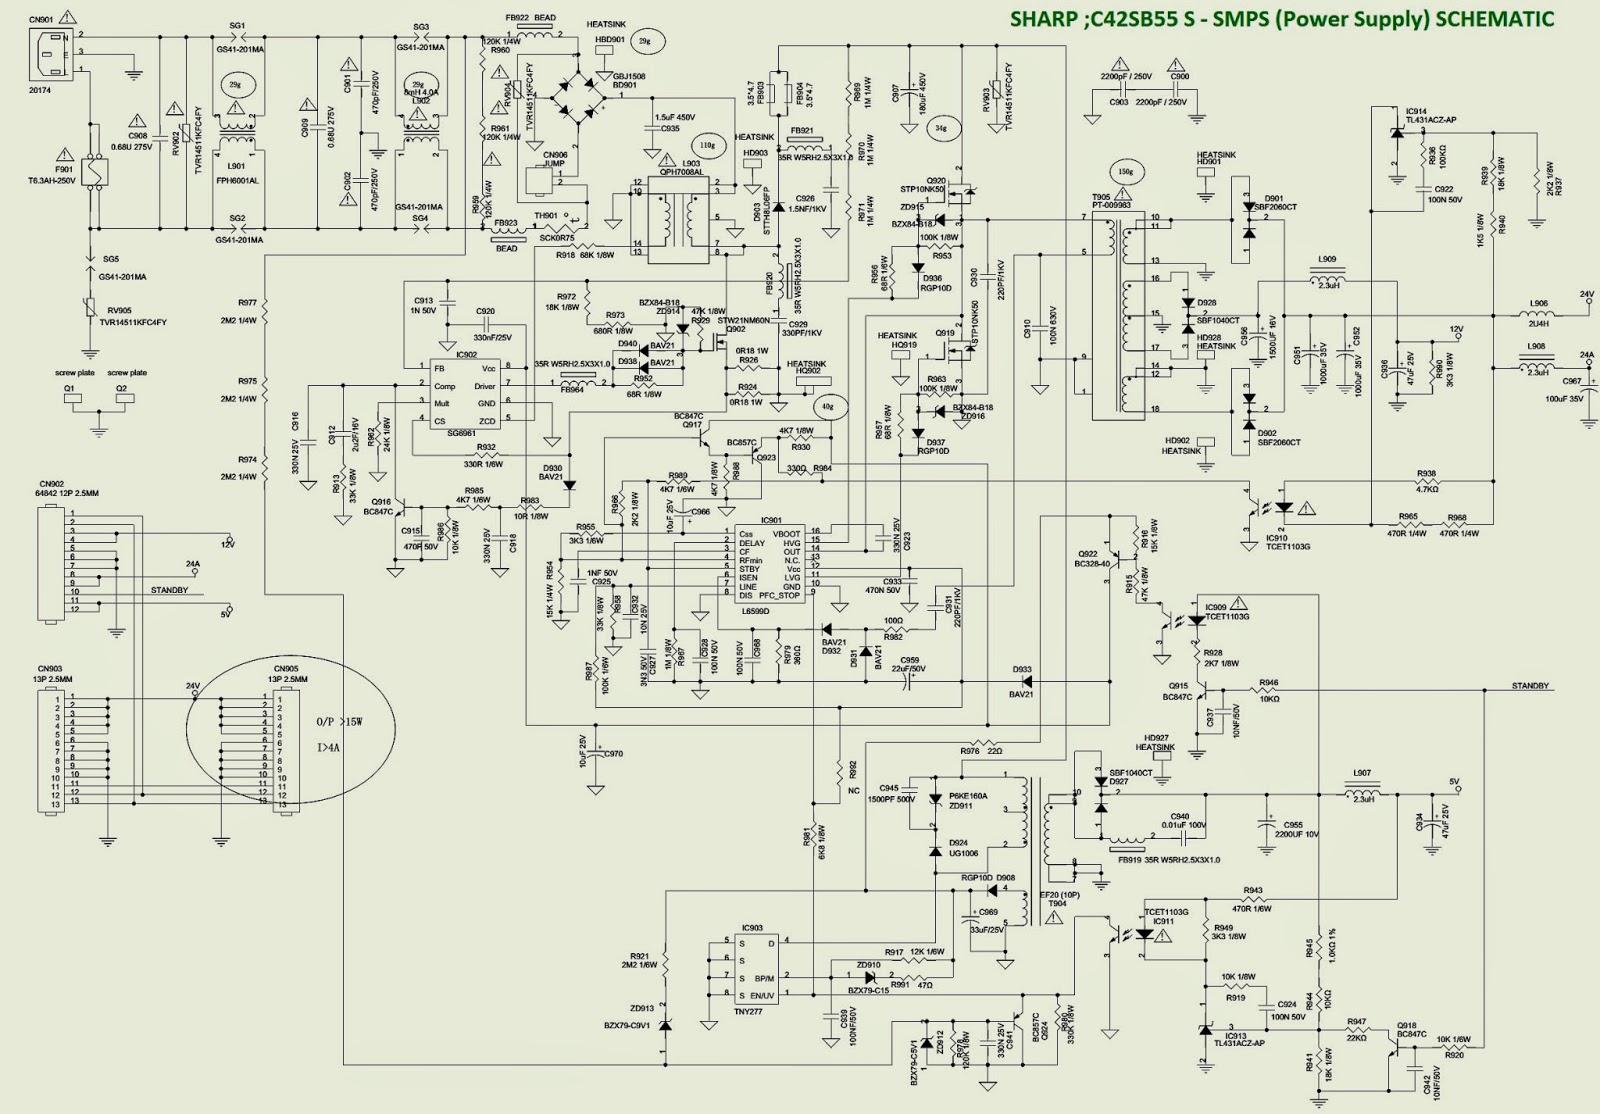 medium resolution of lc 42sb55e s ru ru ru